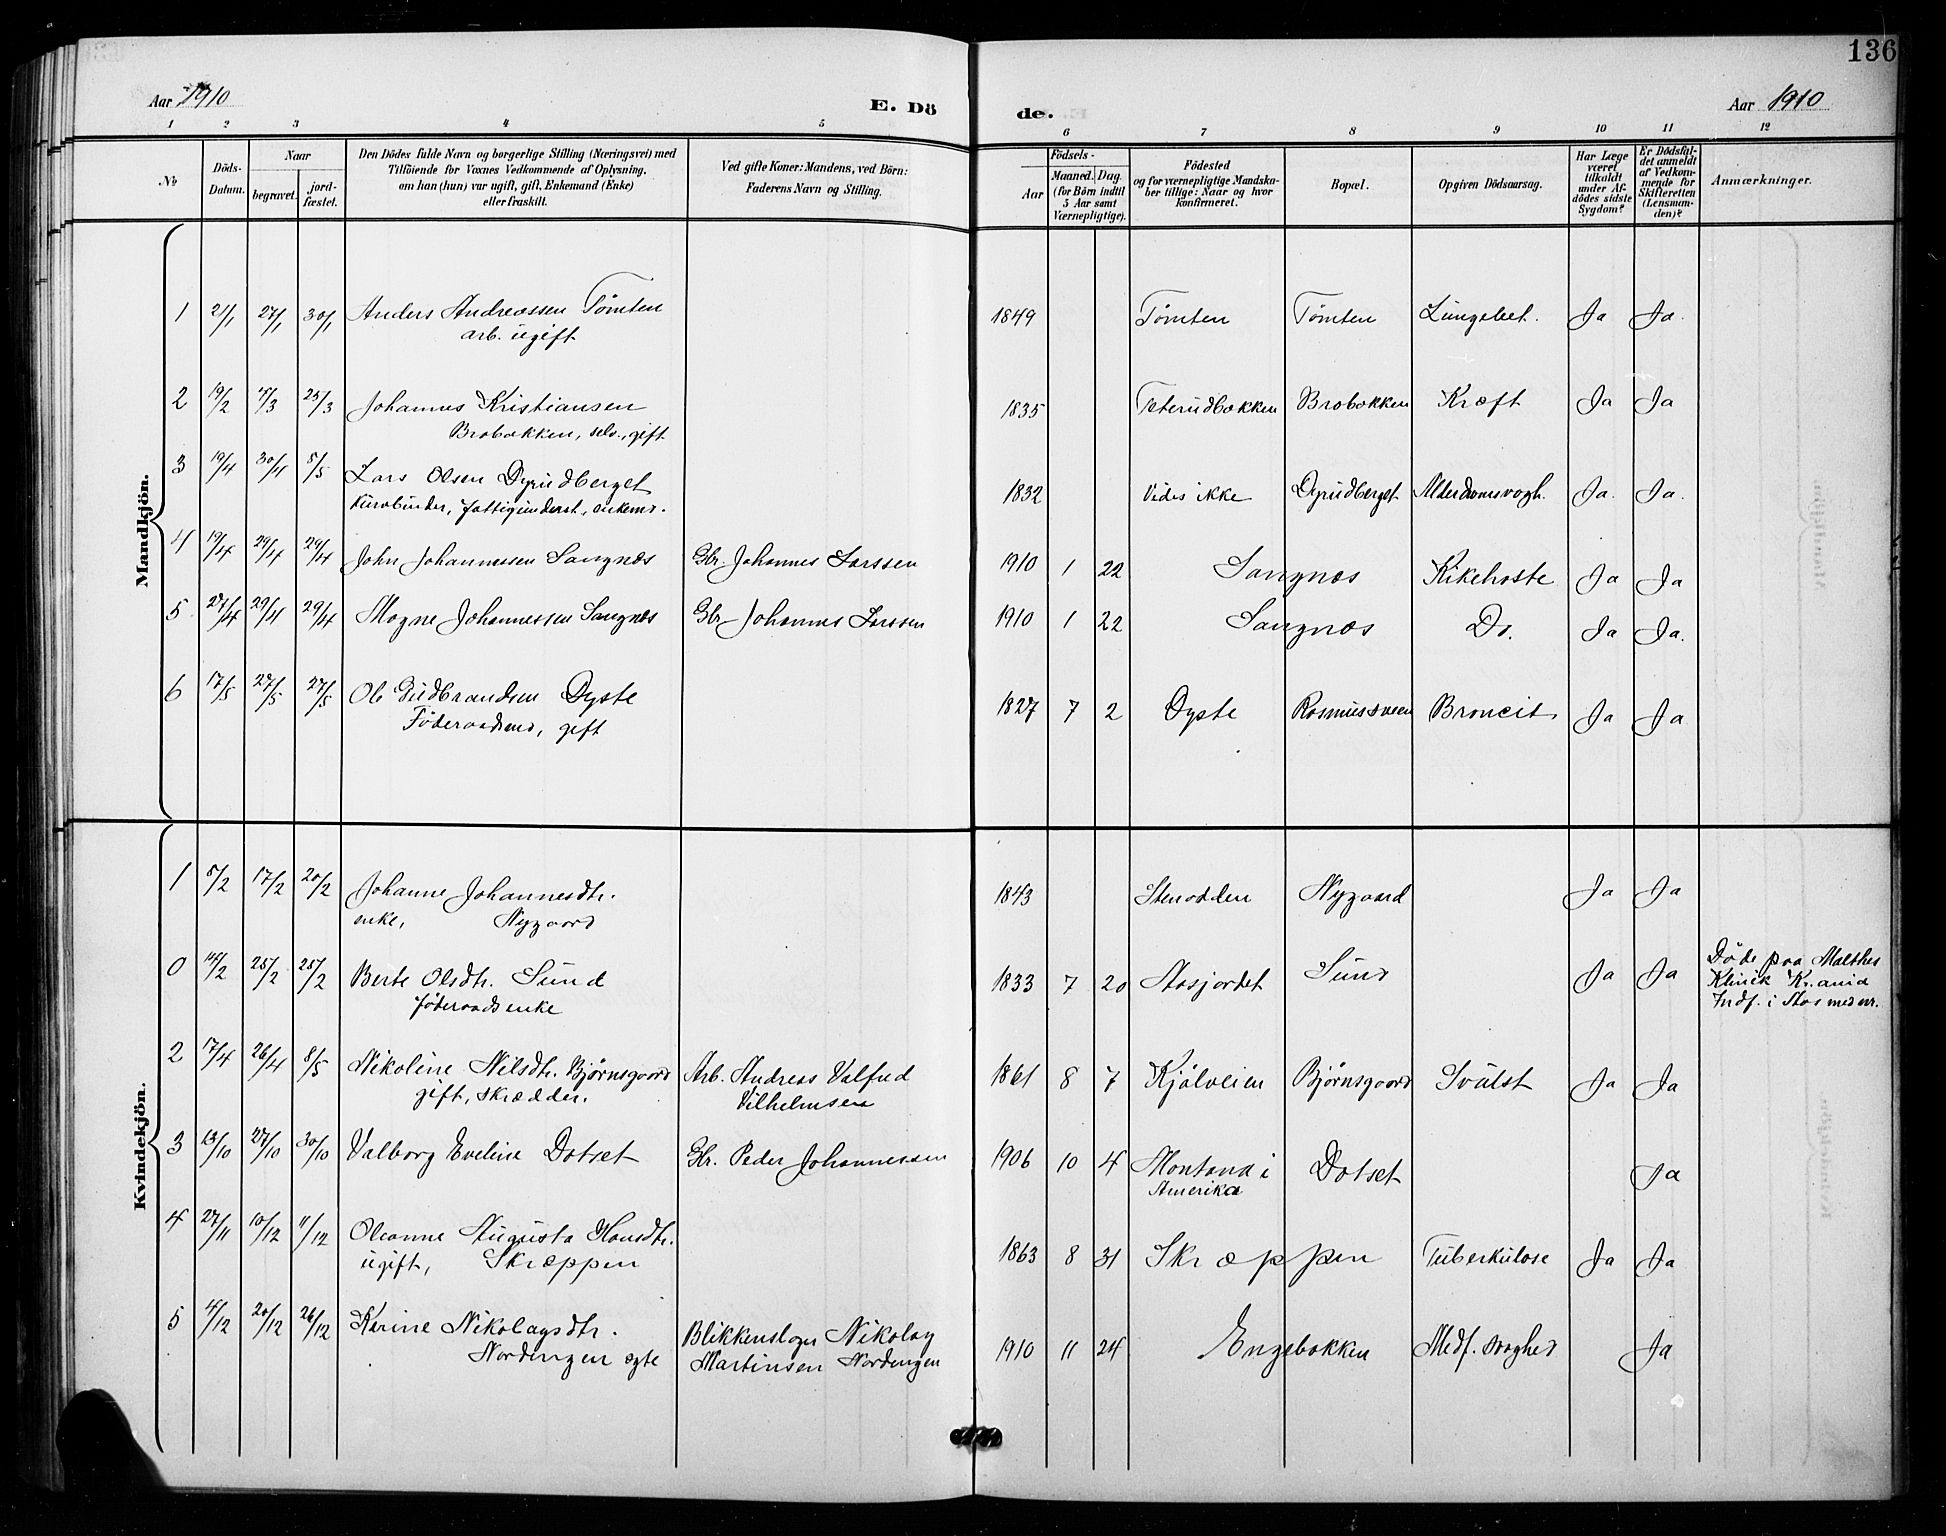 SAH, Vestre Toten prestekontor, Klokkerbok nr. 16, 1901-1915, s. 136